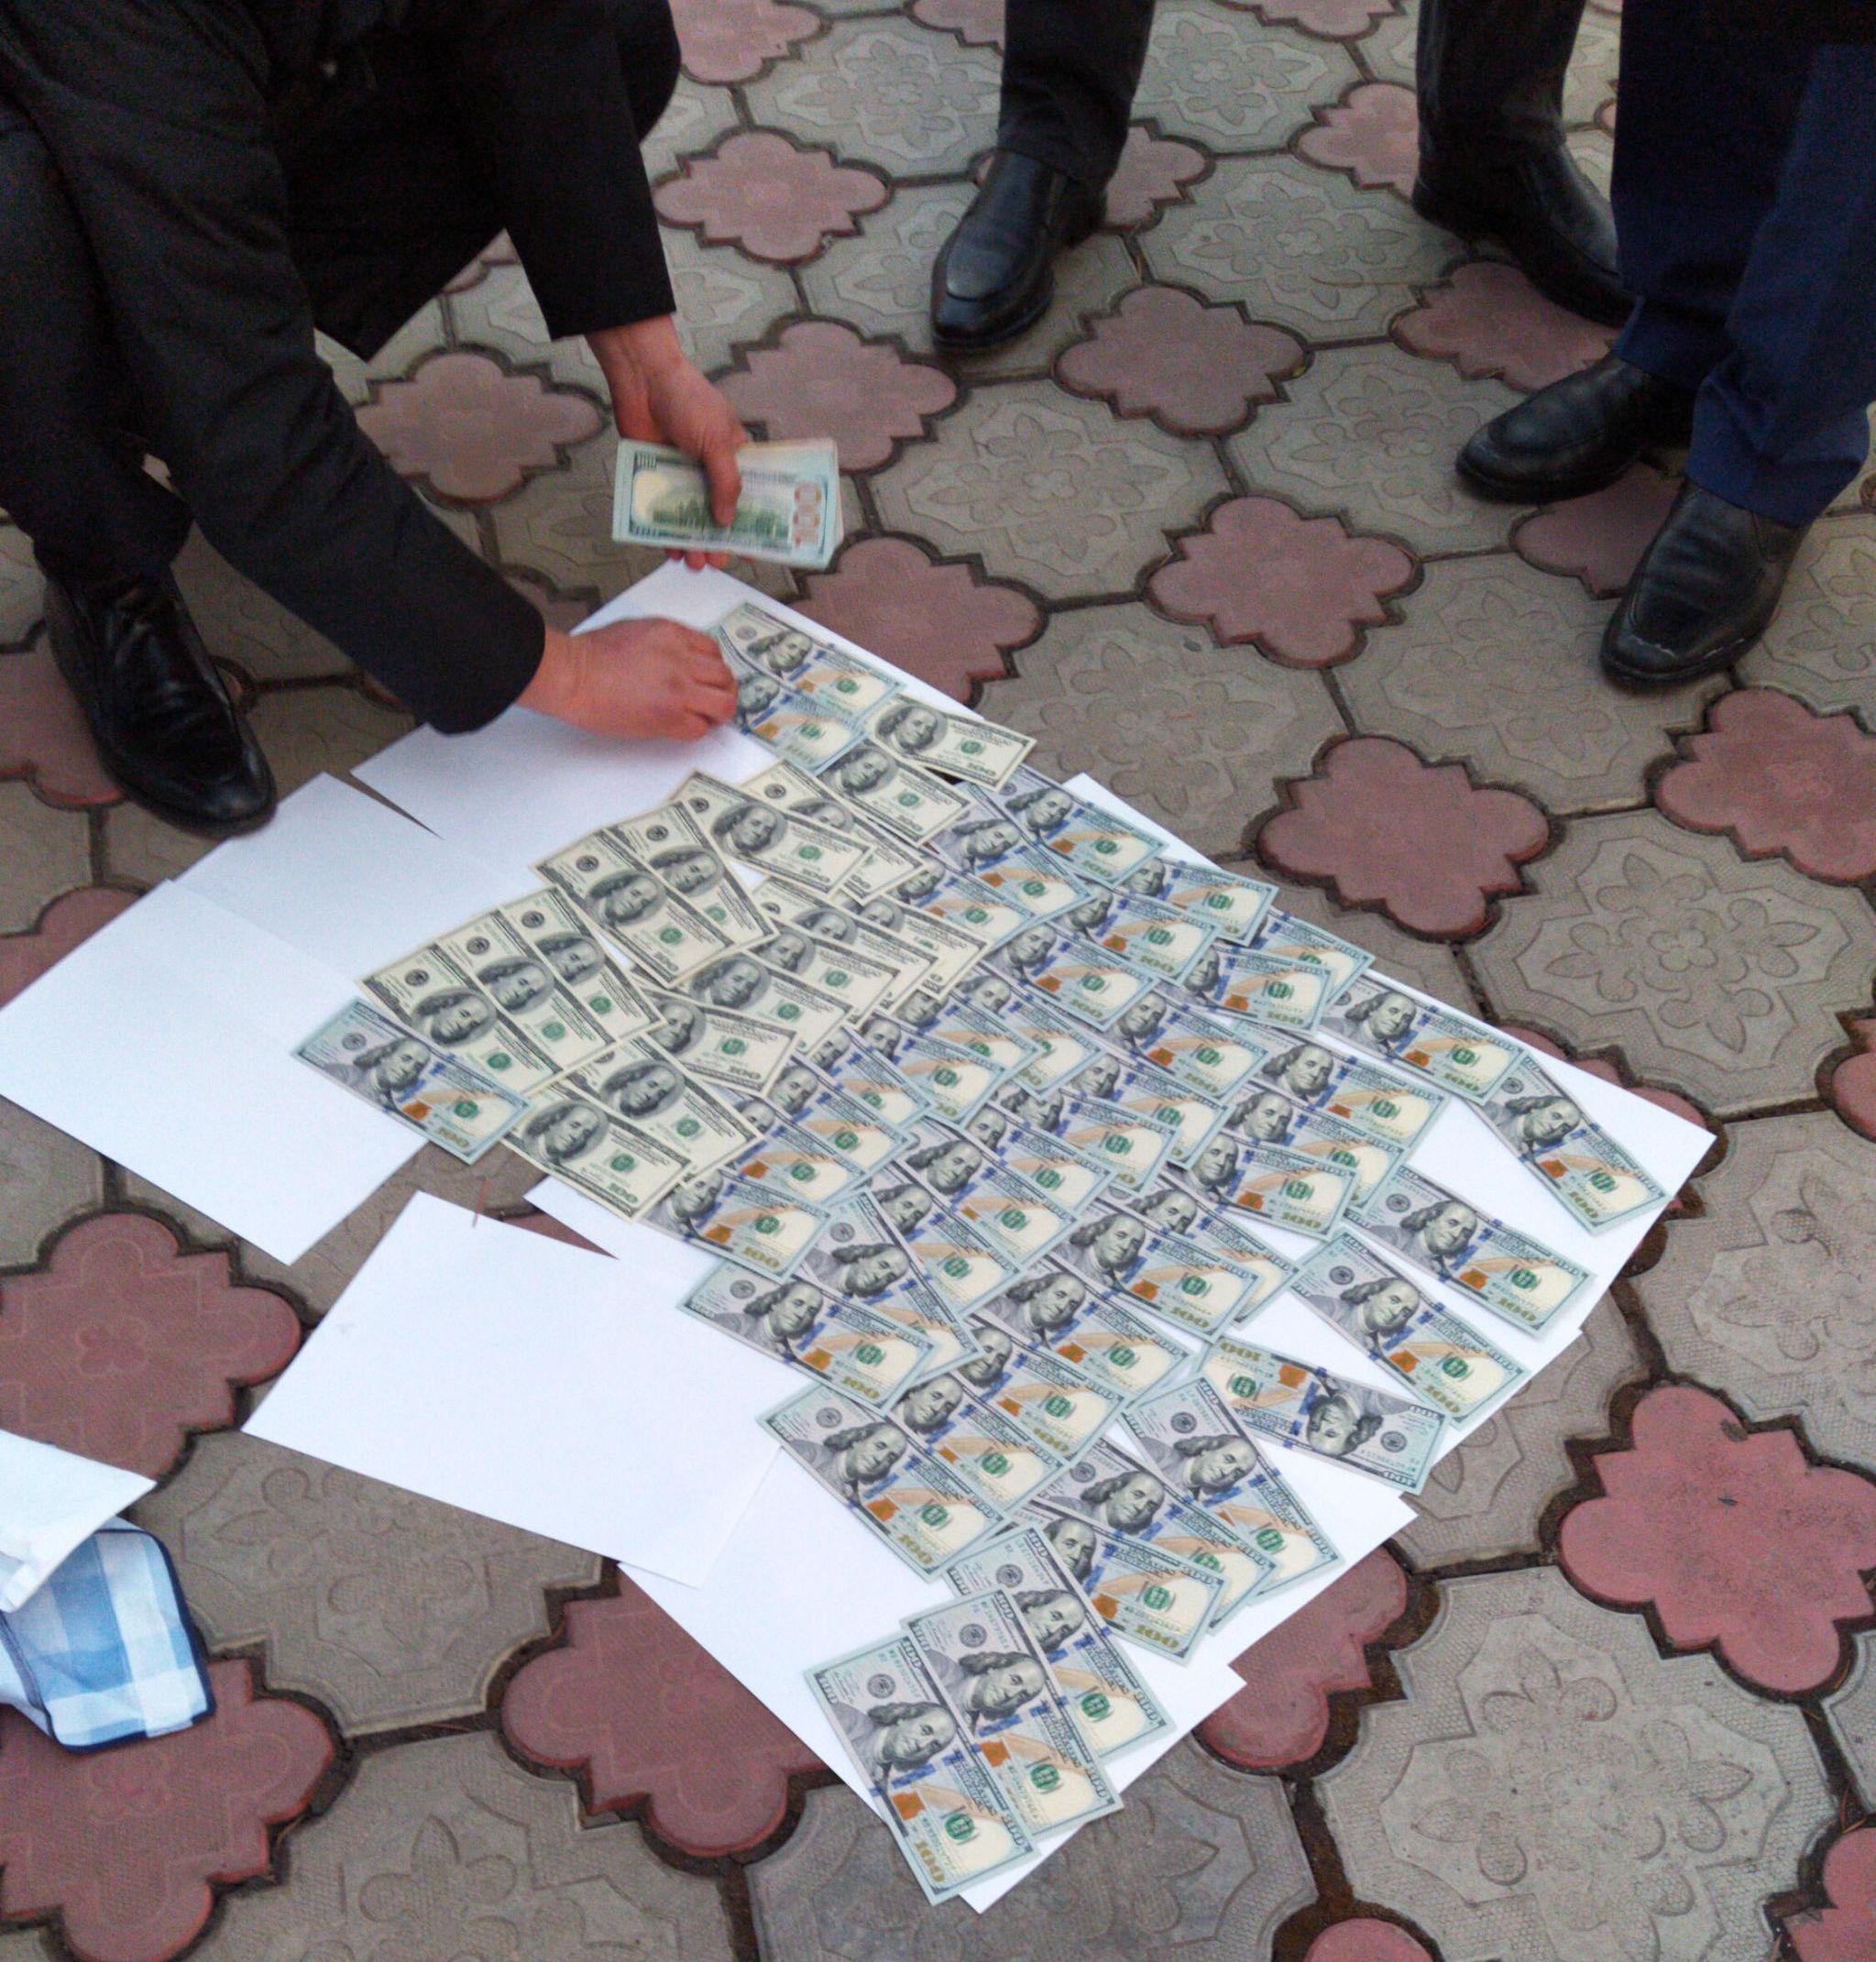 Заместителя министра задержали с поличным при даче взятки в 10 тысяч долларов сотруднику Антикоррупционной службы ГКНБ.